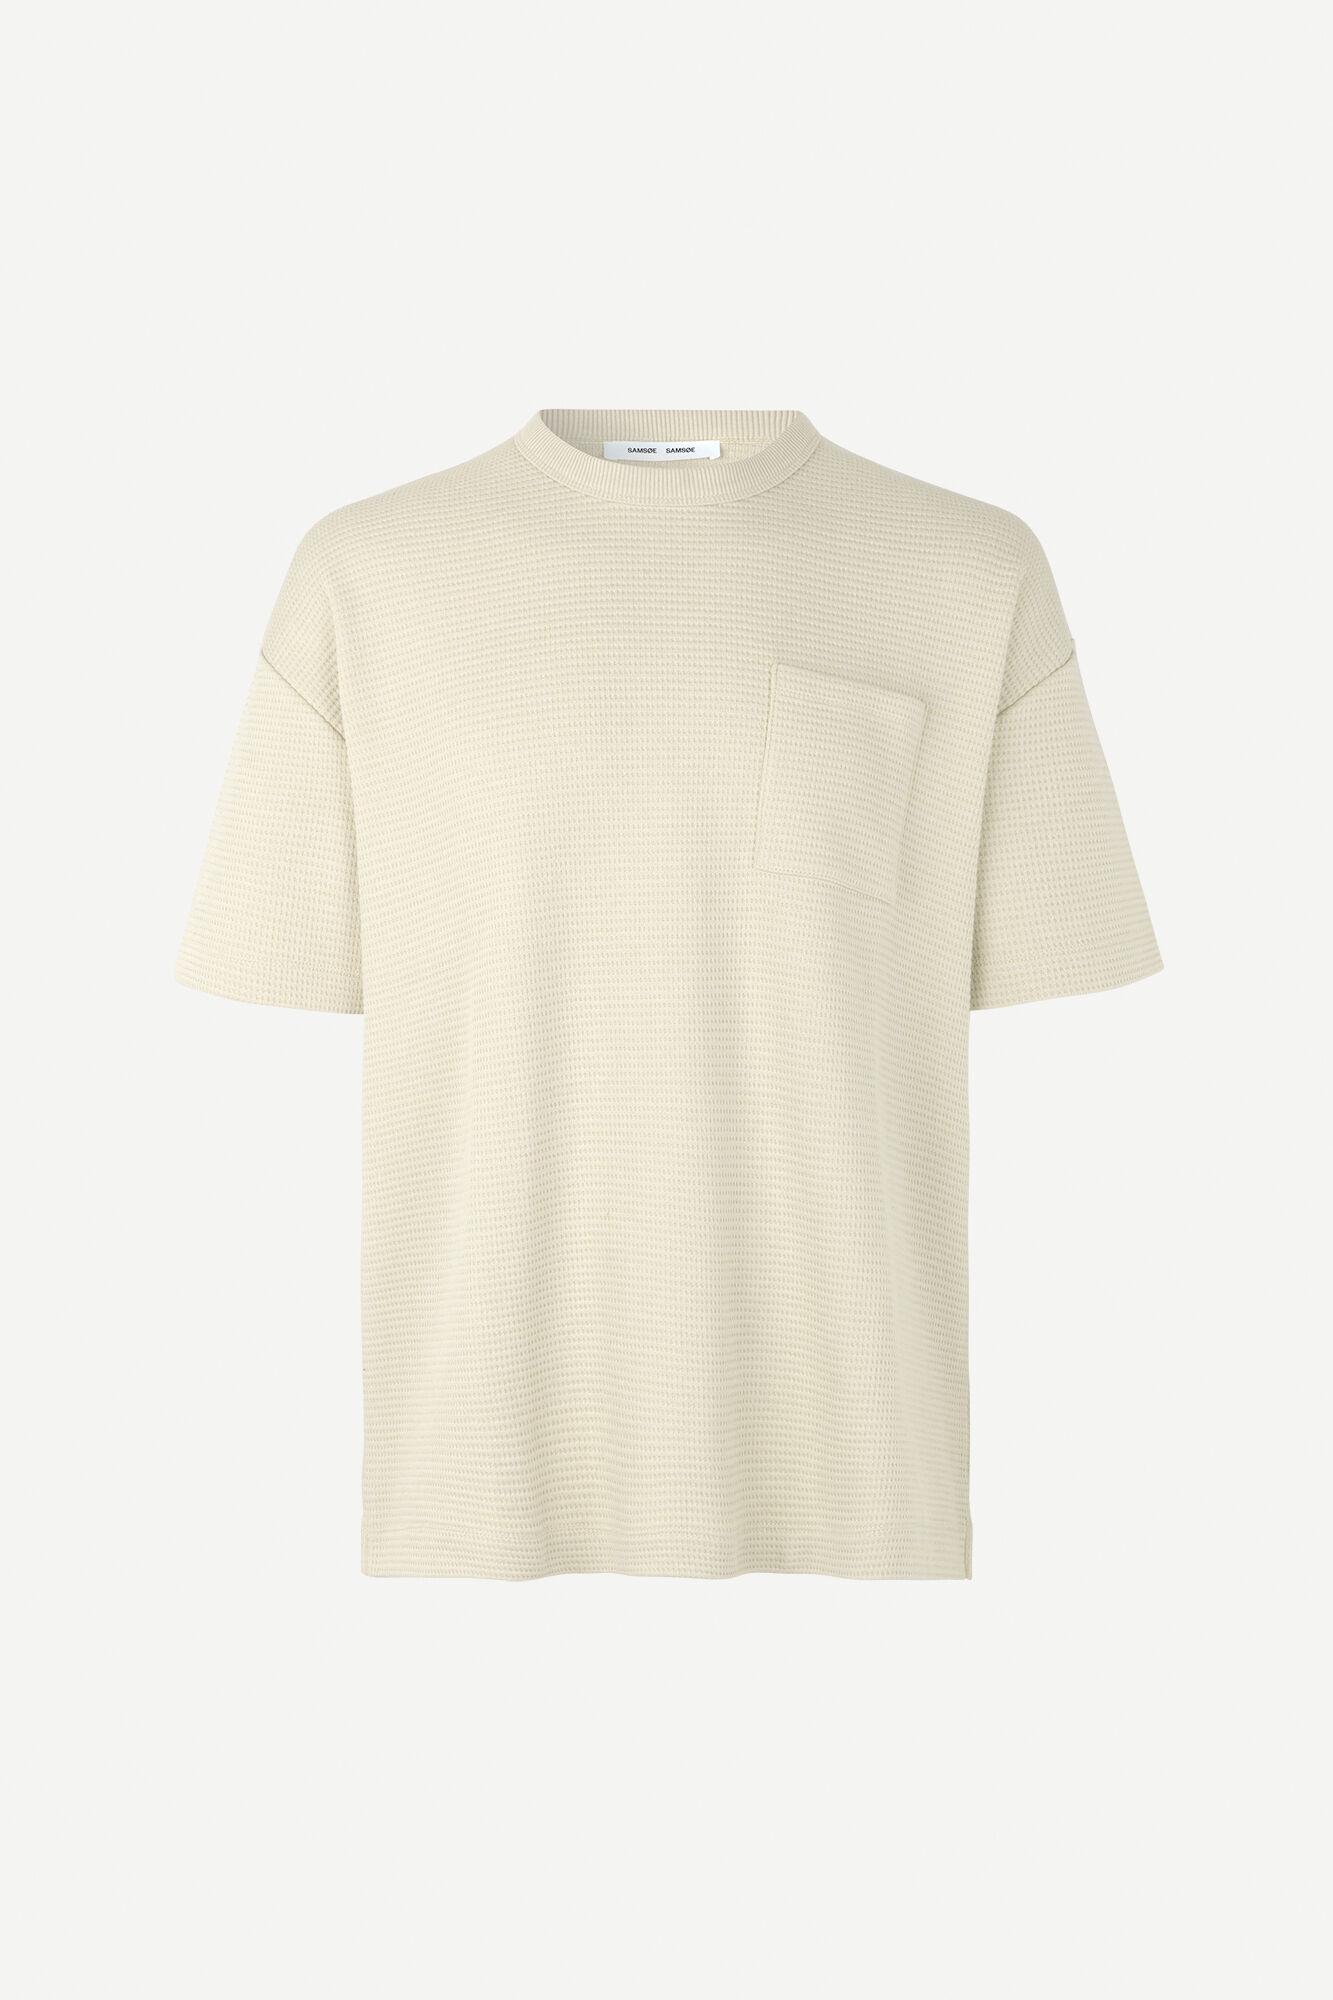 Ratano T-Shirt Overcast Cream 11583-1